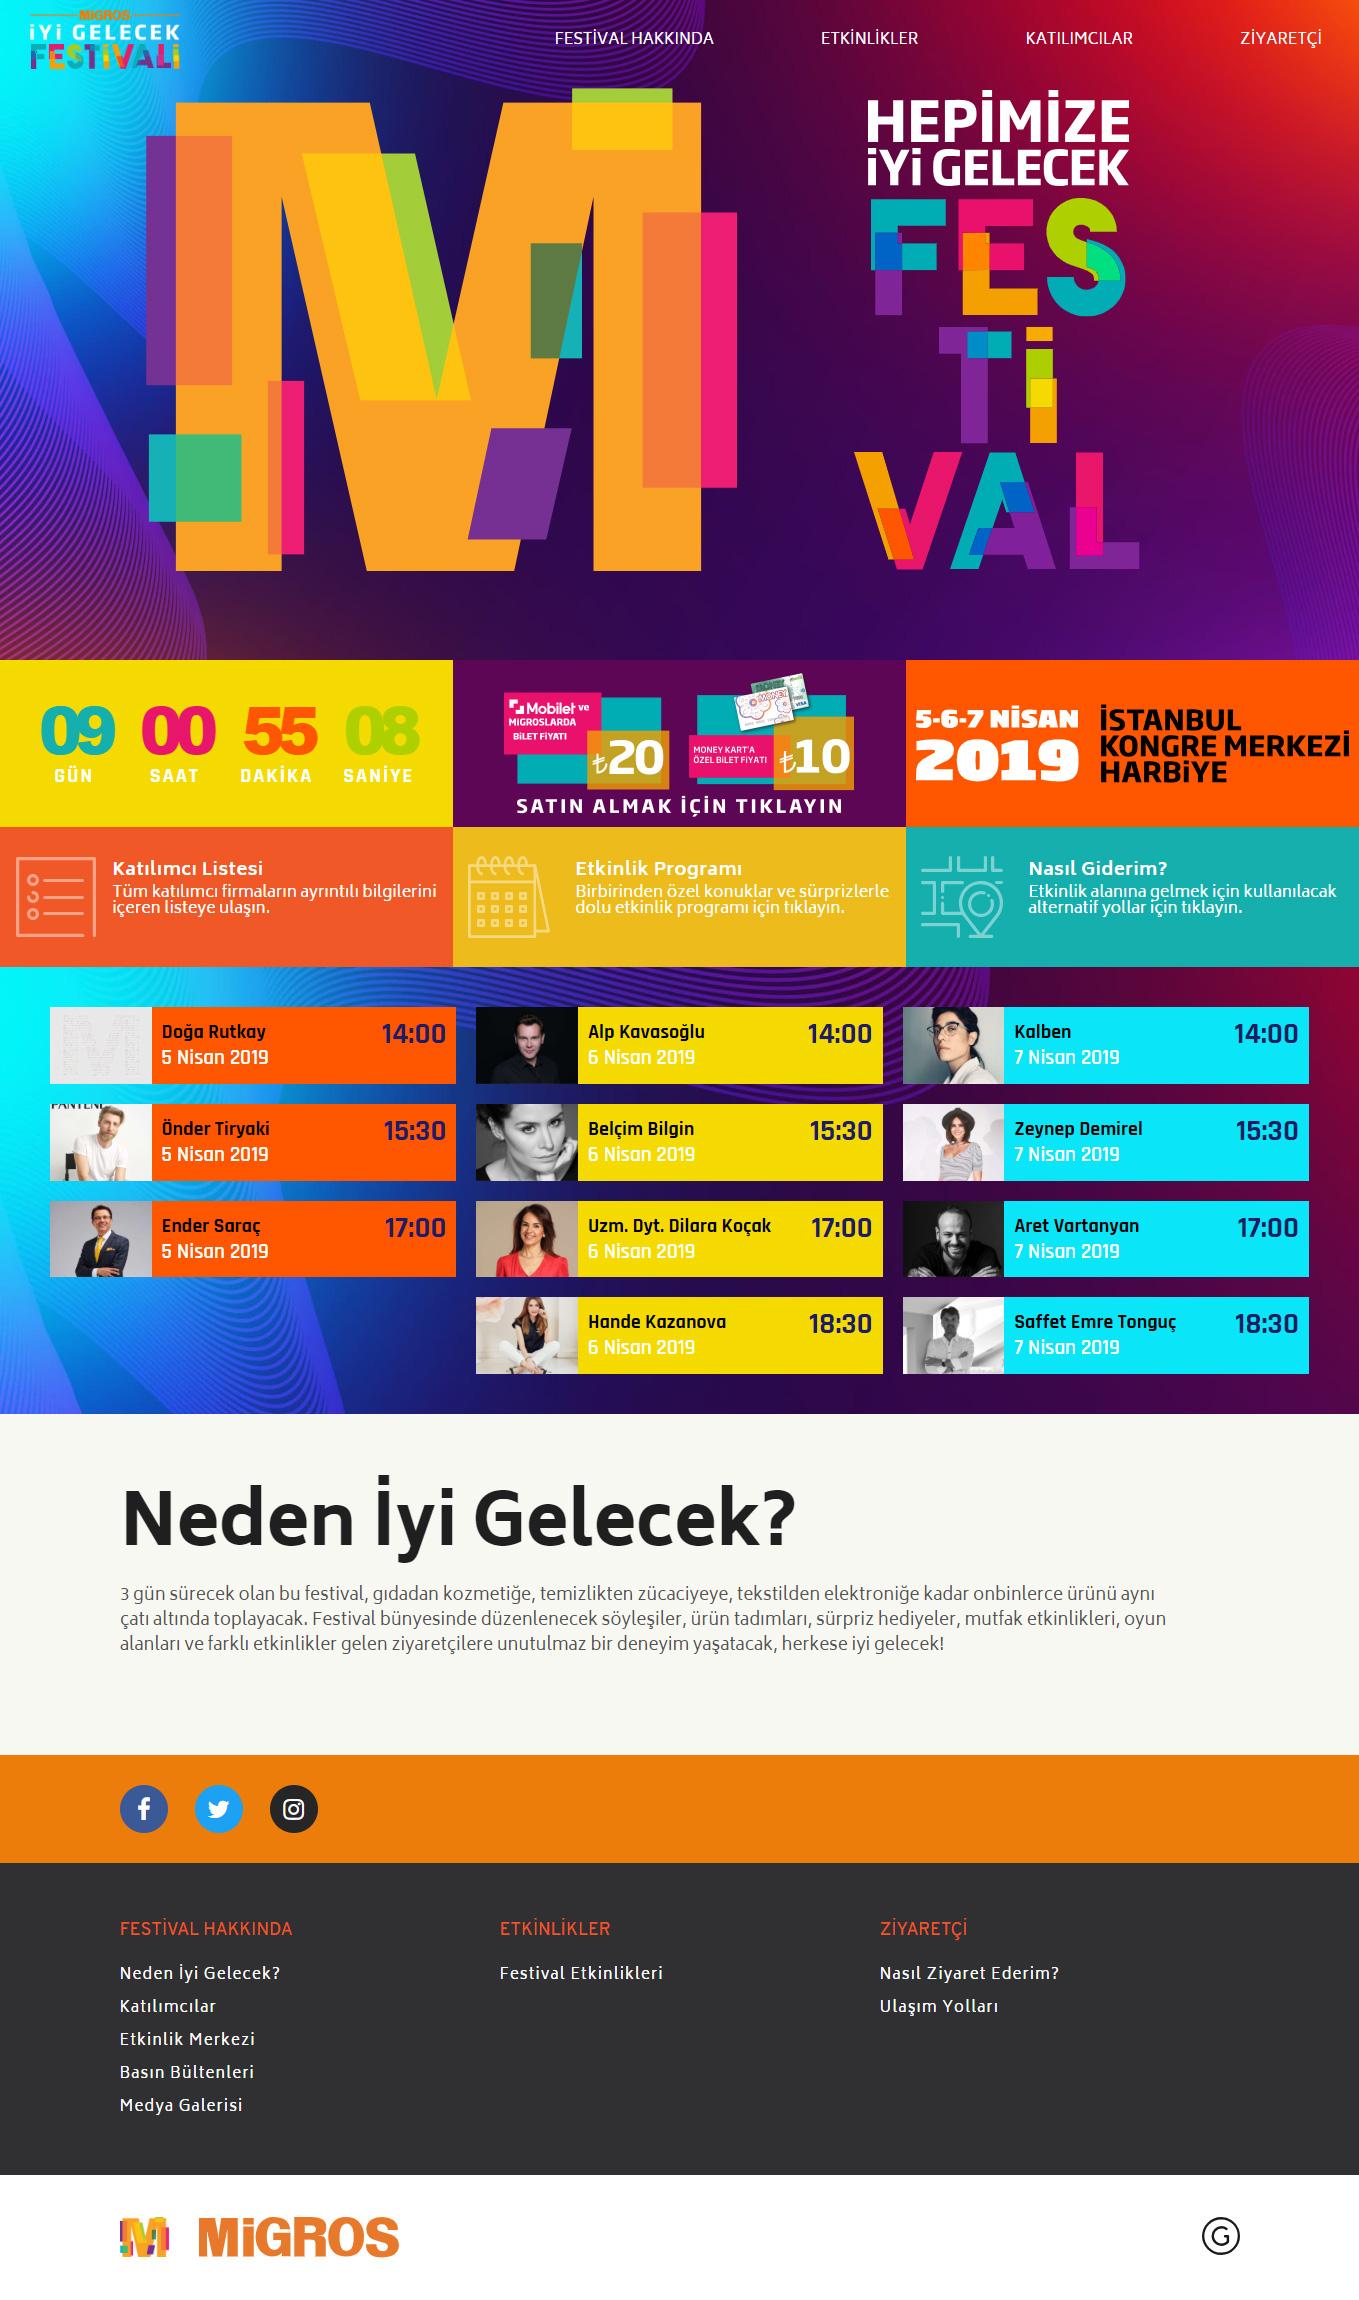 iyigelecekfestivali01